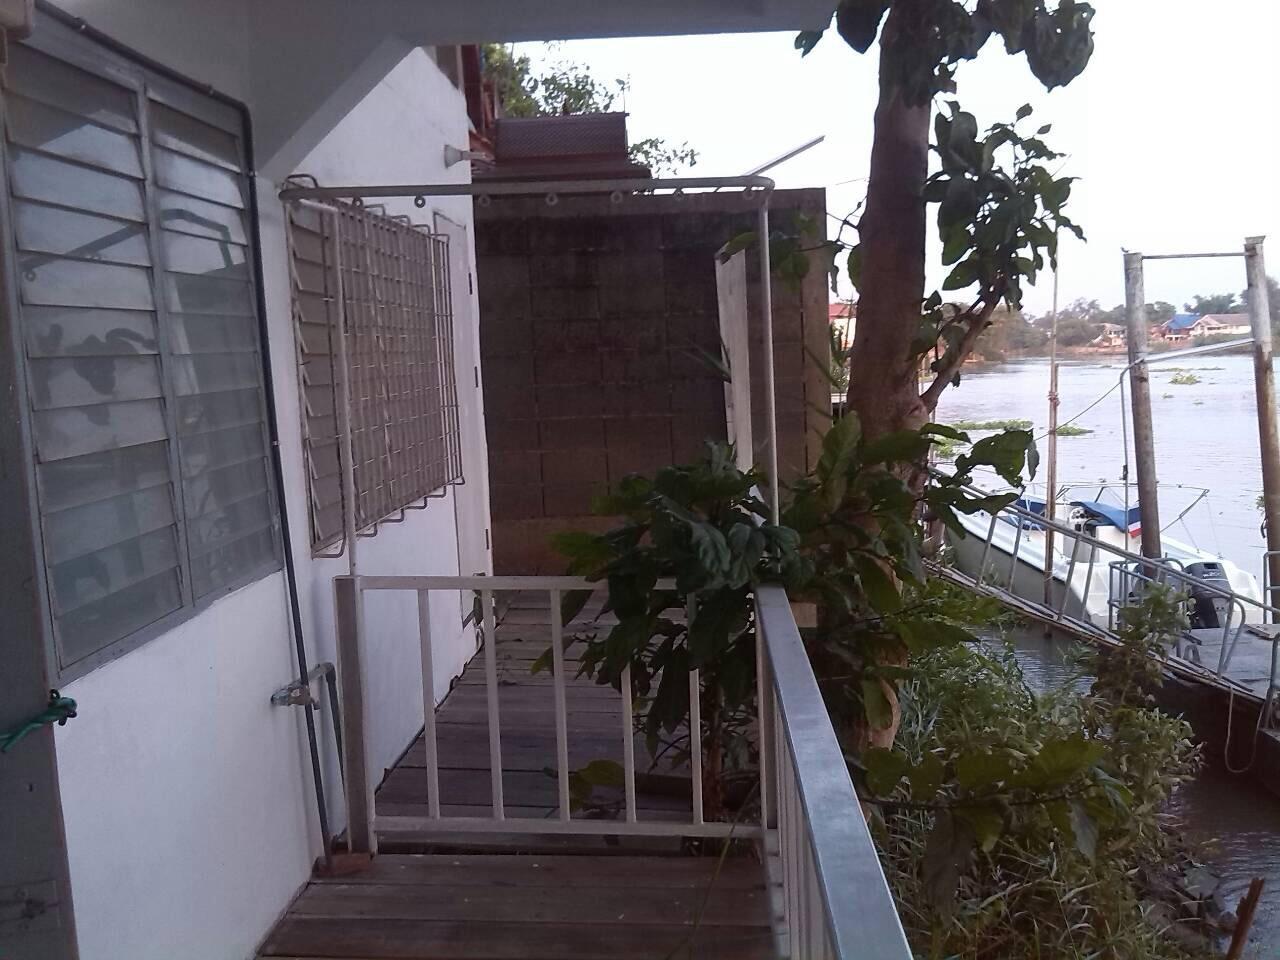 Bann Loongdang Guesthouse, Phra Nakhon Si Ayutthaya